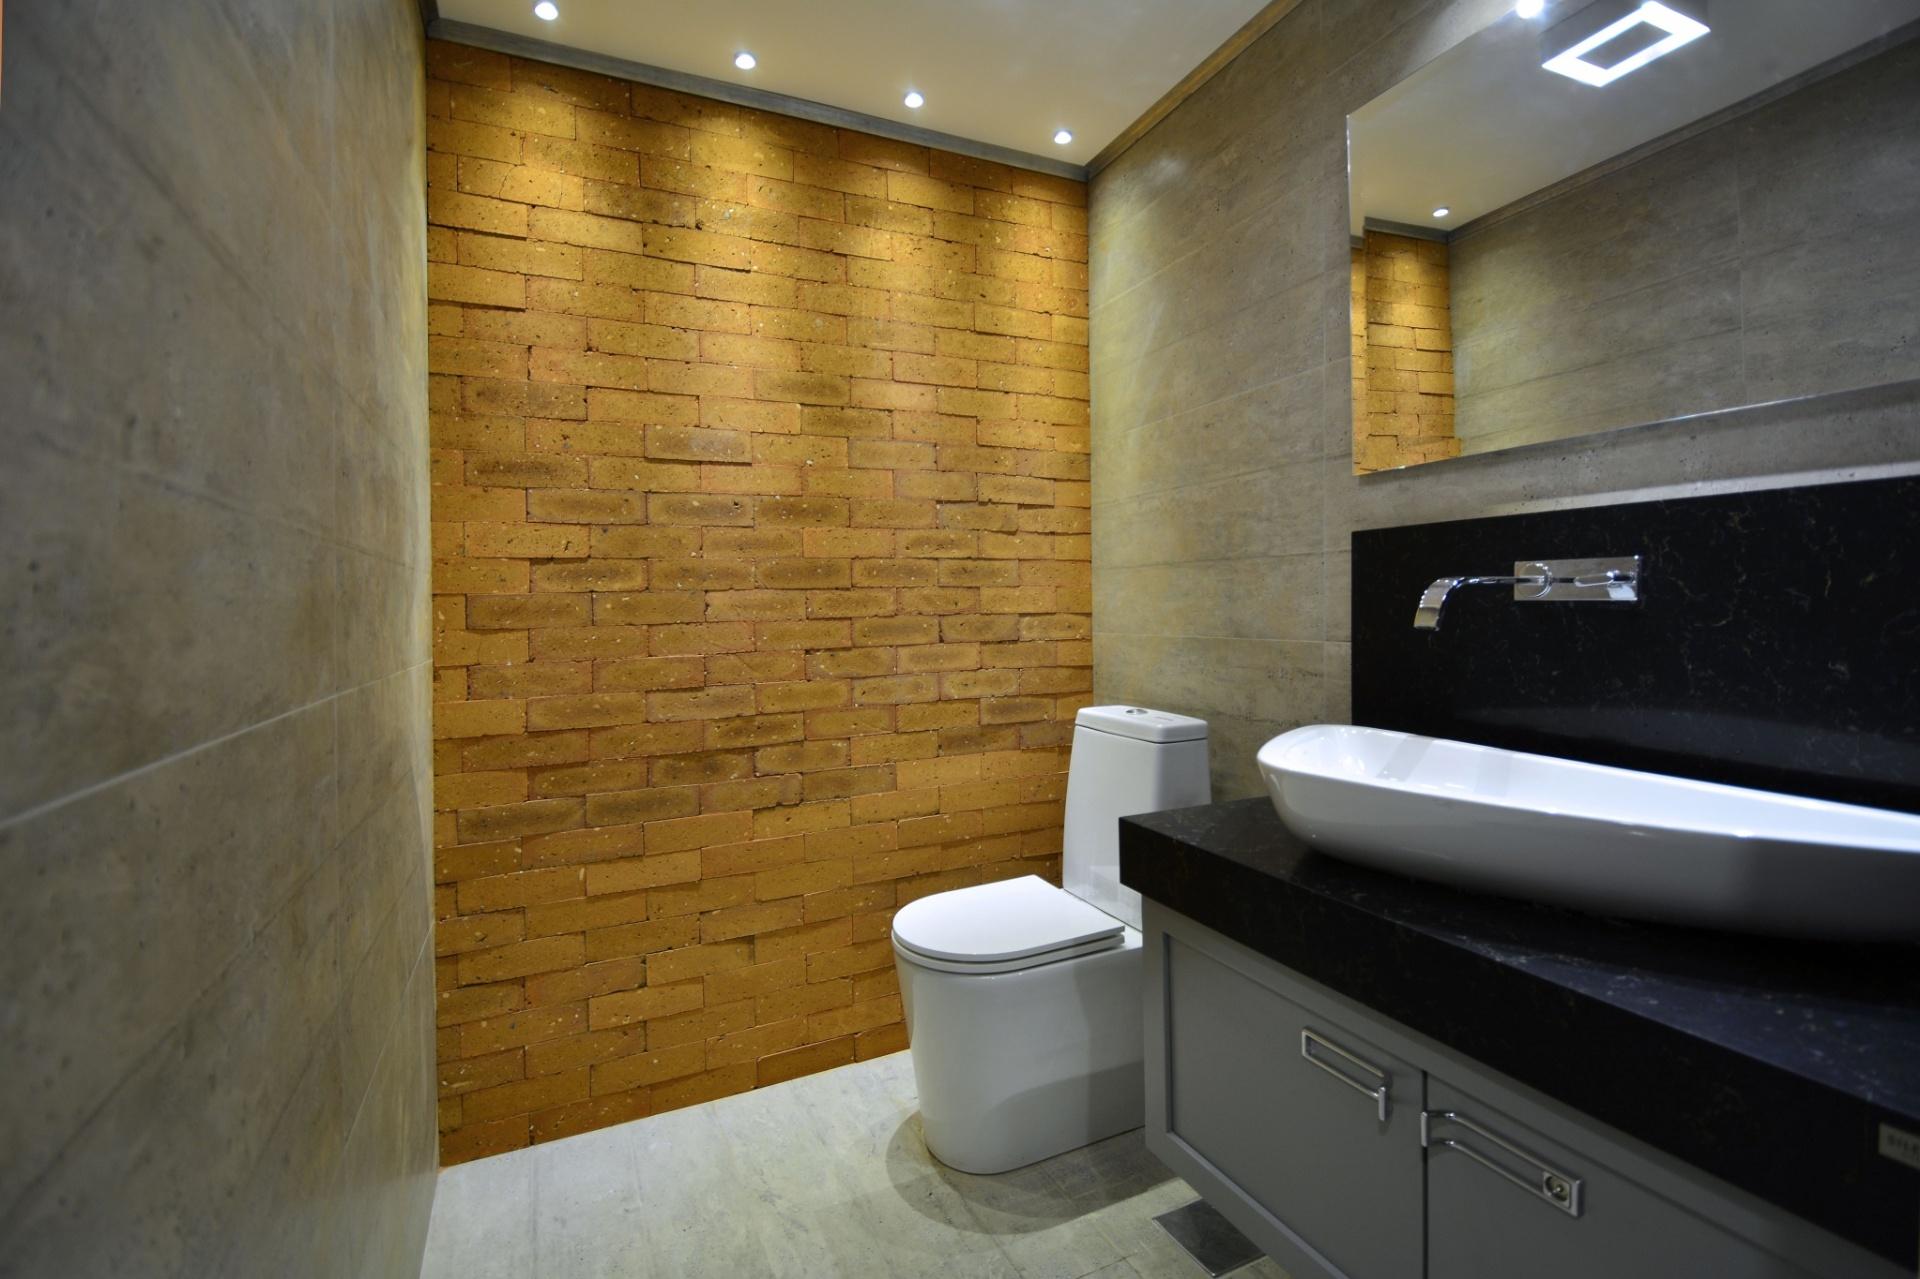 Banheiros: sugestões para decoração tendo muito ou pouco espaço  #674D24 1920x1279 Bancada Banheiro Concreto